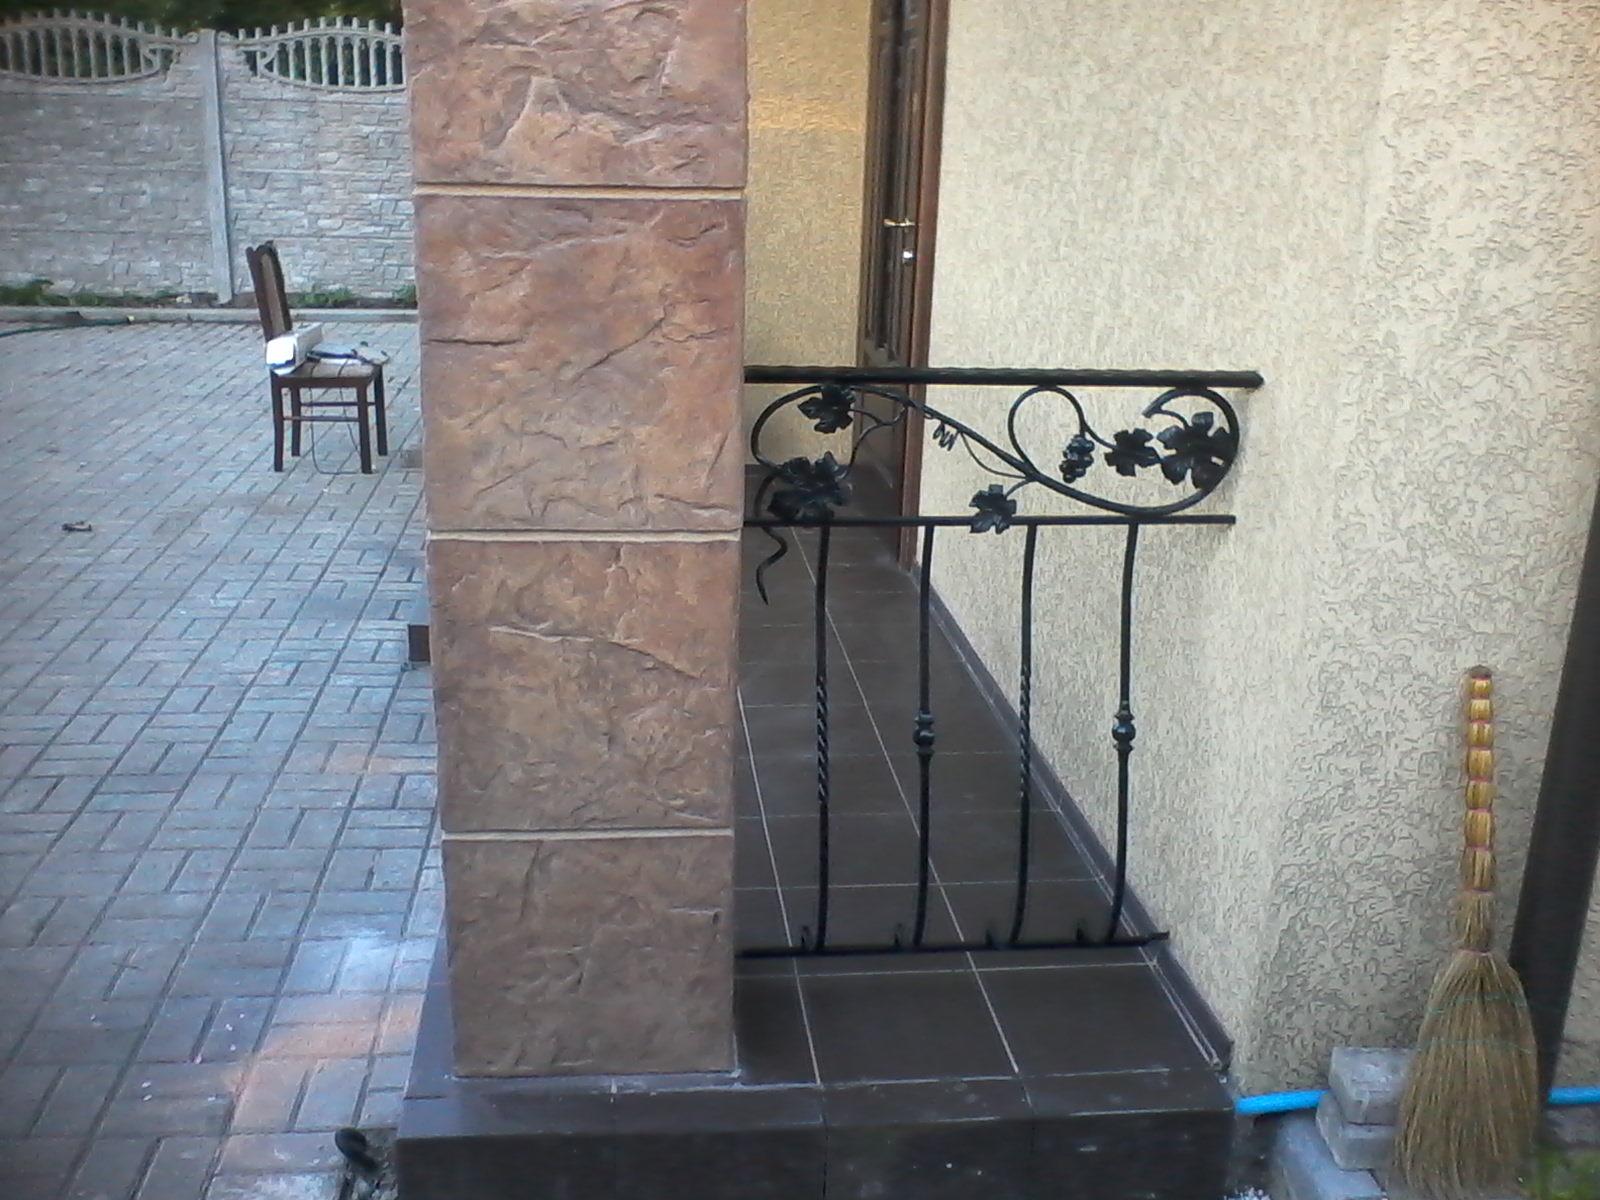 Мини ограждение для уличной террасы или для балкона с выпуклым центральным рисунком